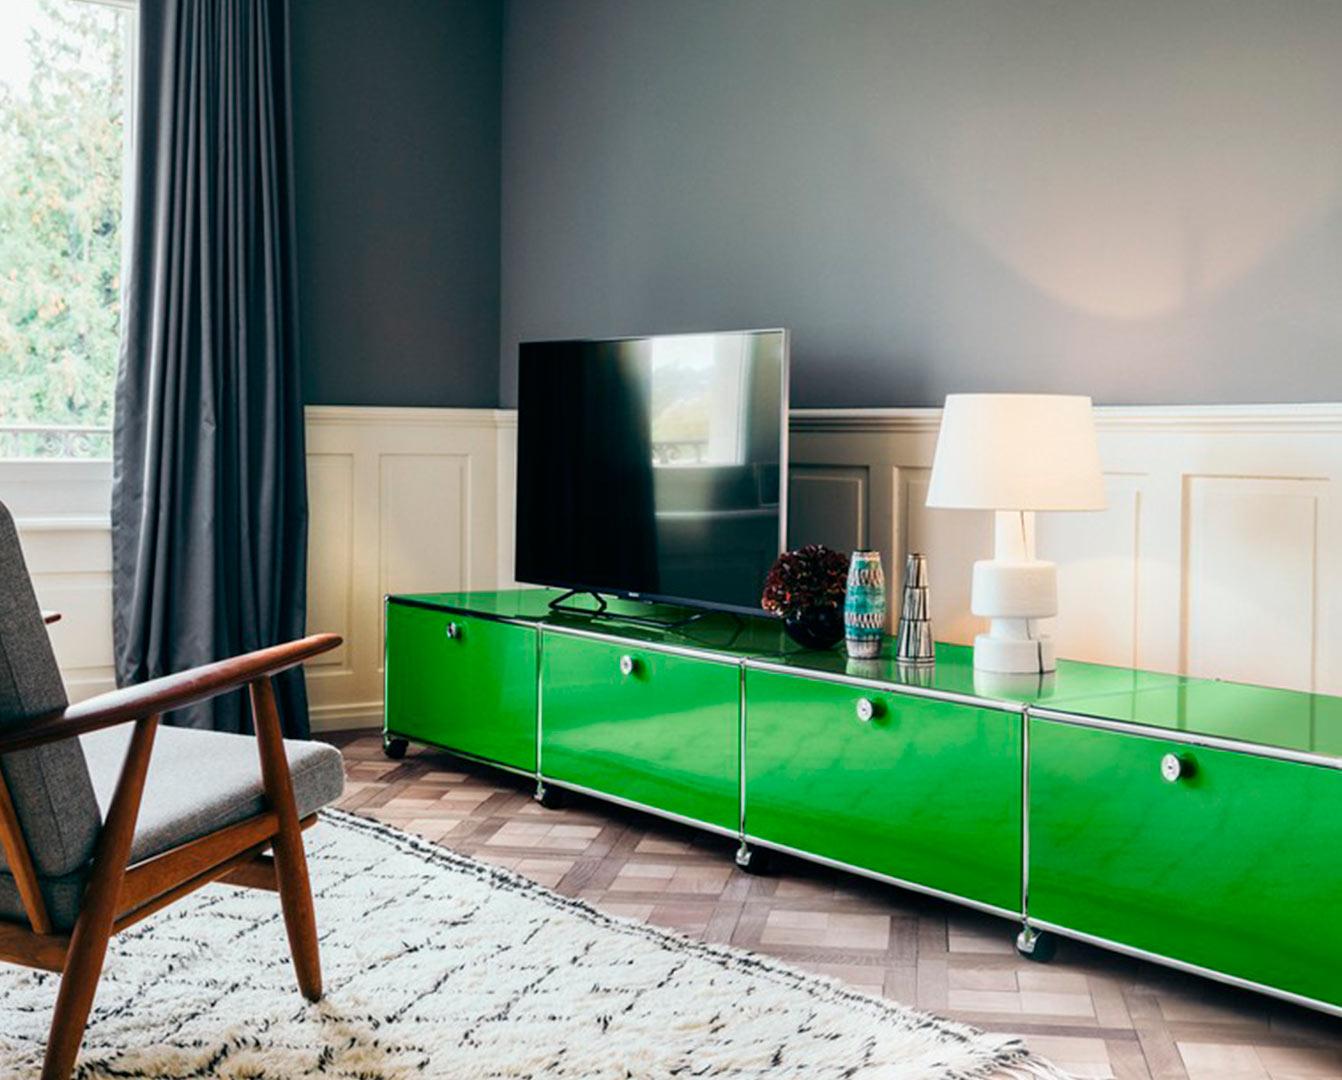 http://interno.es/wp-content/uploads/2016/07/muebles-y-decoracion-de-diseño-murcia.jpg